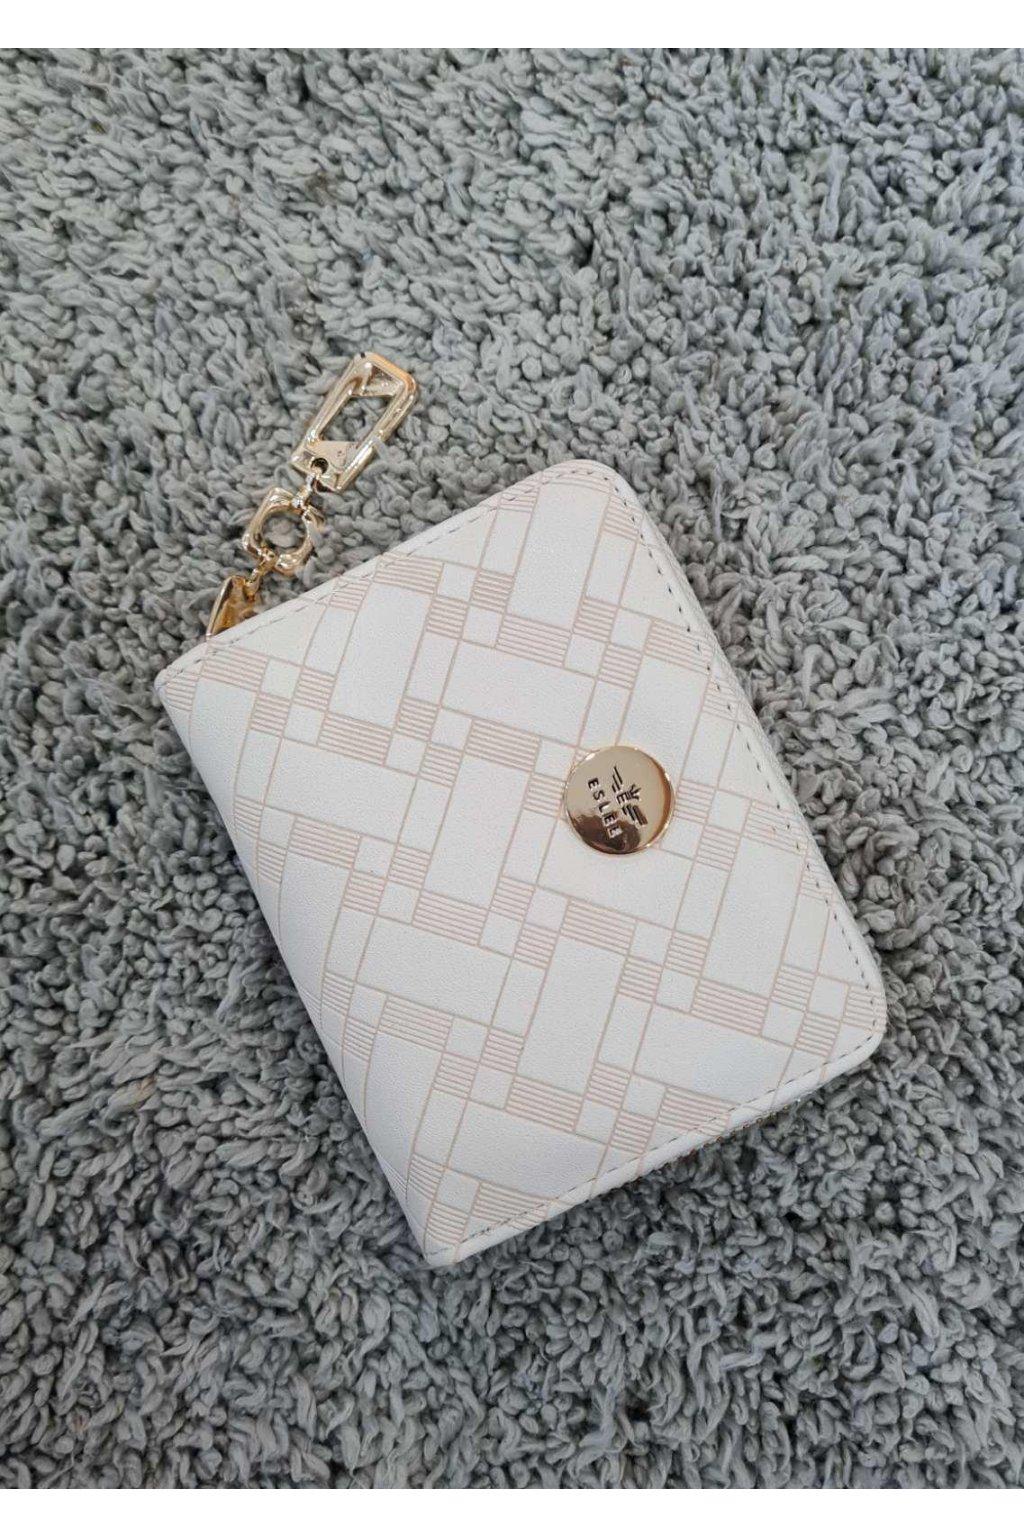 Dámská peněženka ELSLEE světle béžová